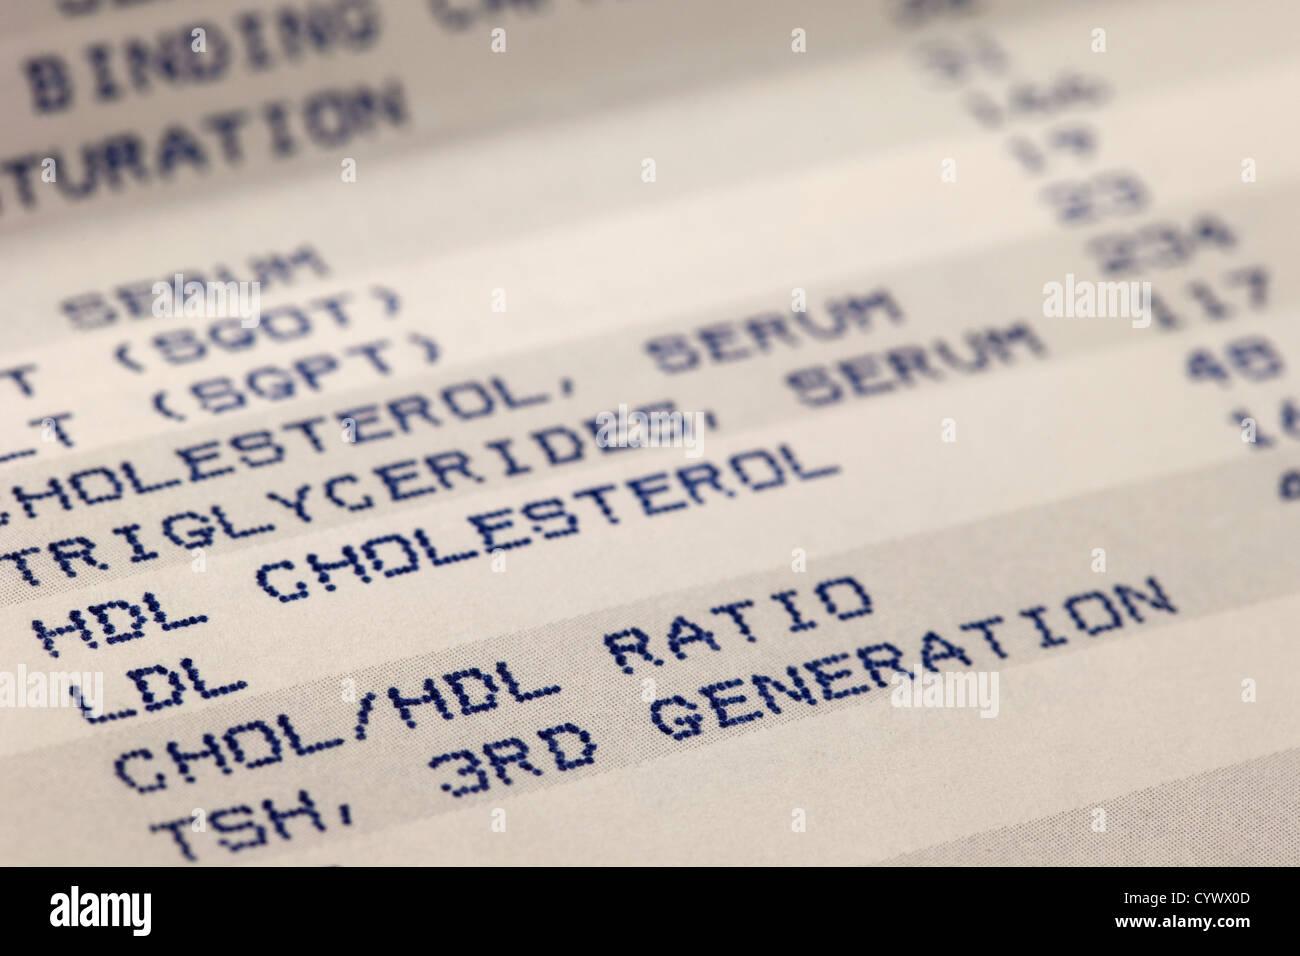 Detail des Blut-screening Ergebnisse Druck mit Fokus auf Cholesterin Stockbild